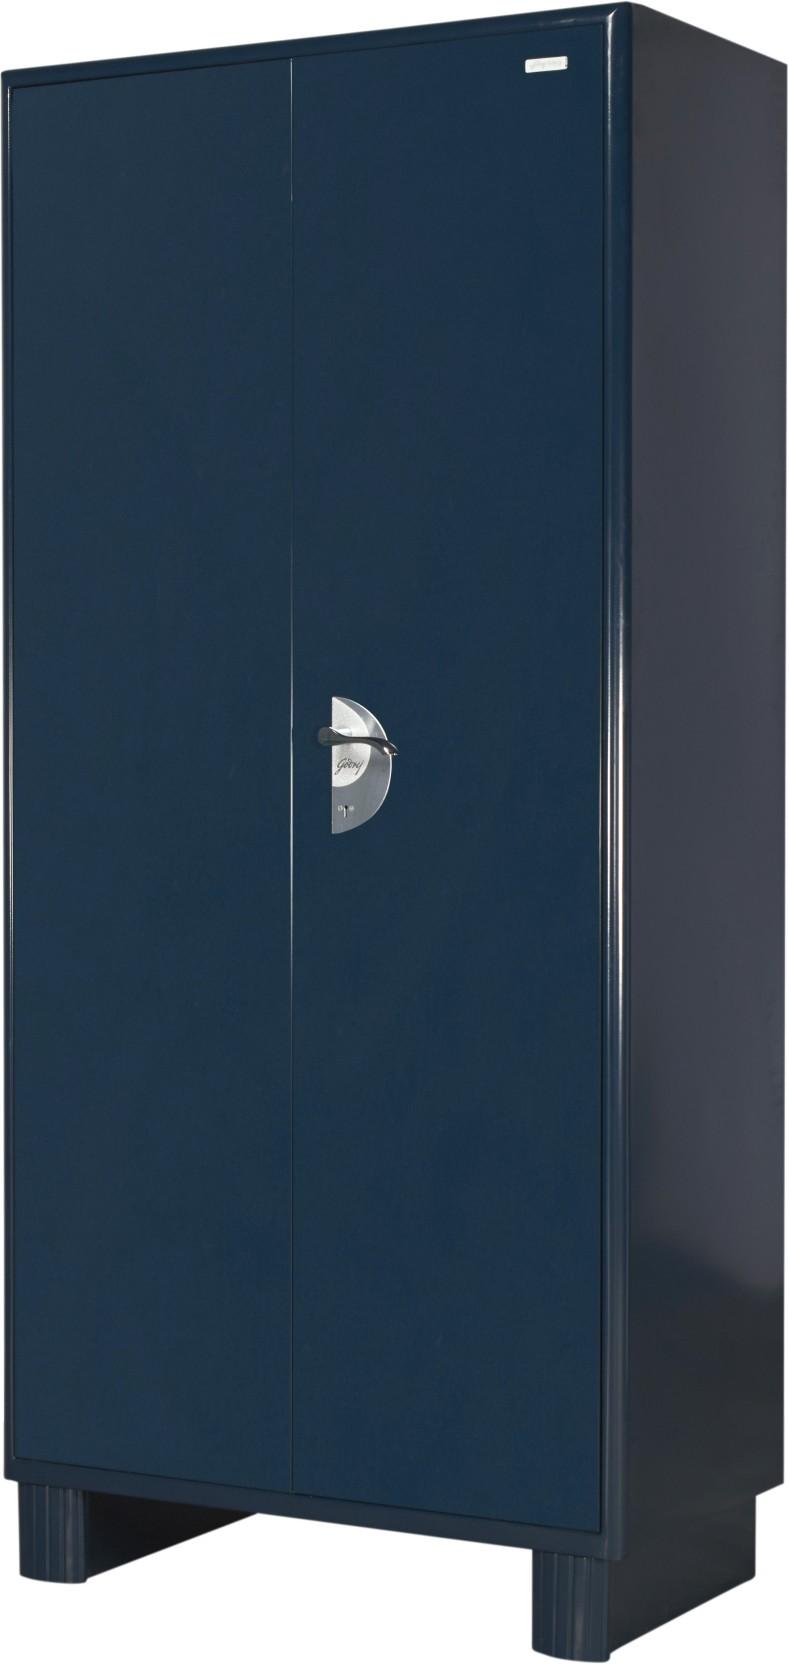 godrej interio storwel m3 metal almirah price in india - buy godrej